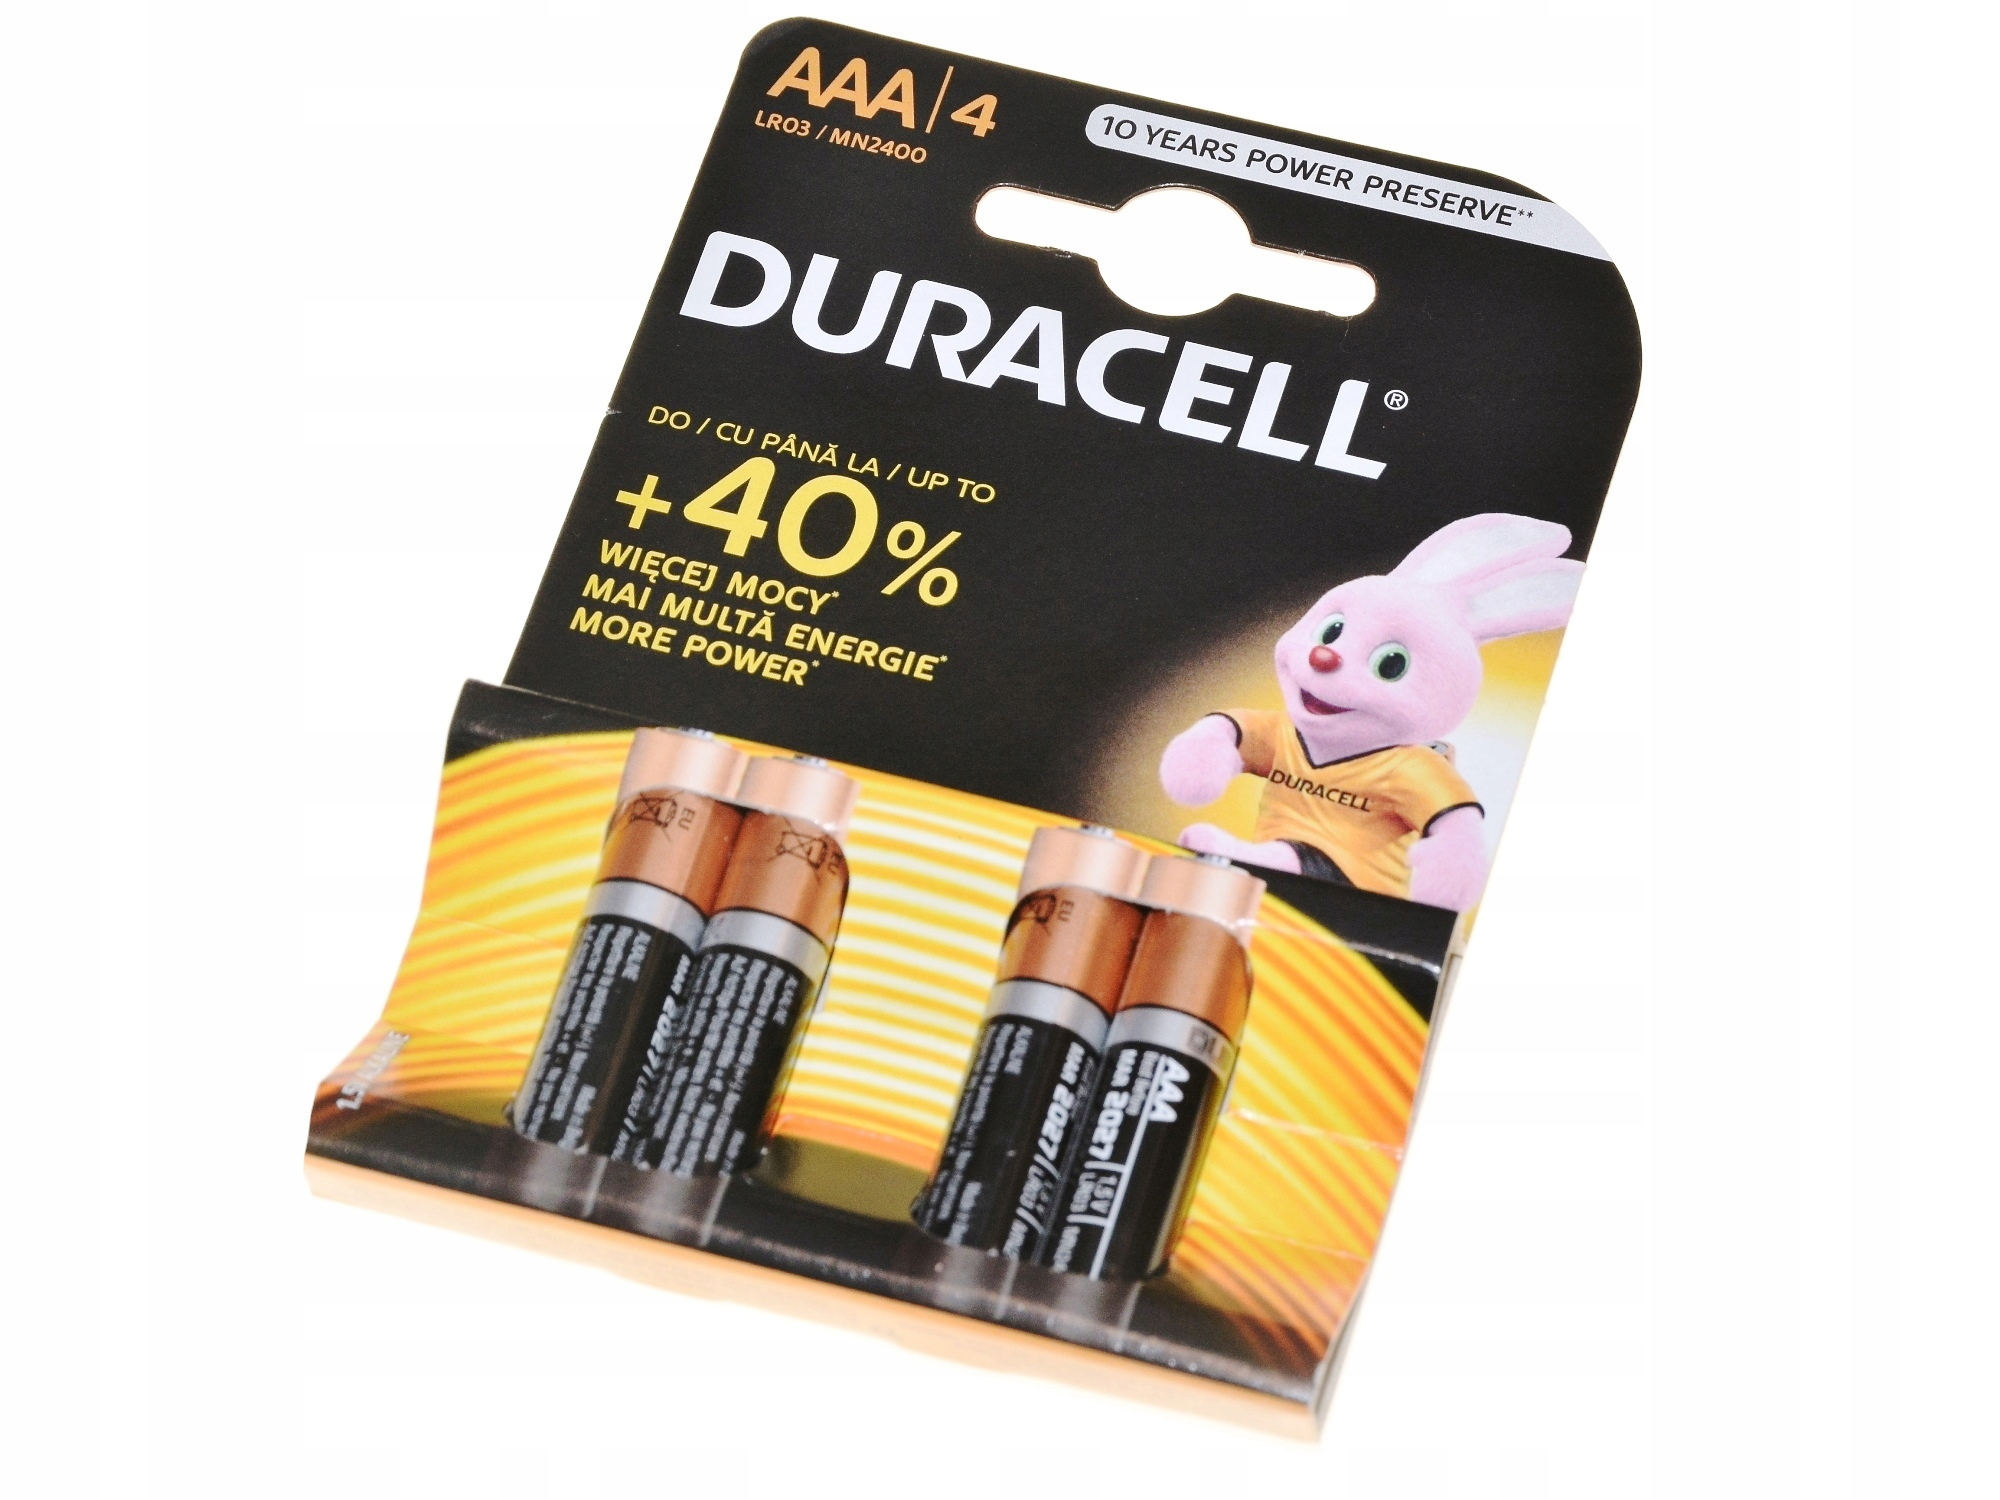 Batéria DURACELL R3 AAA LR3 1.5V 4 ks.